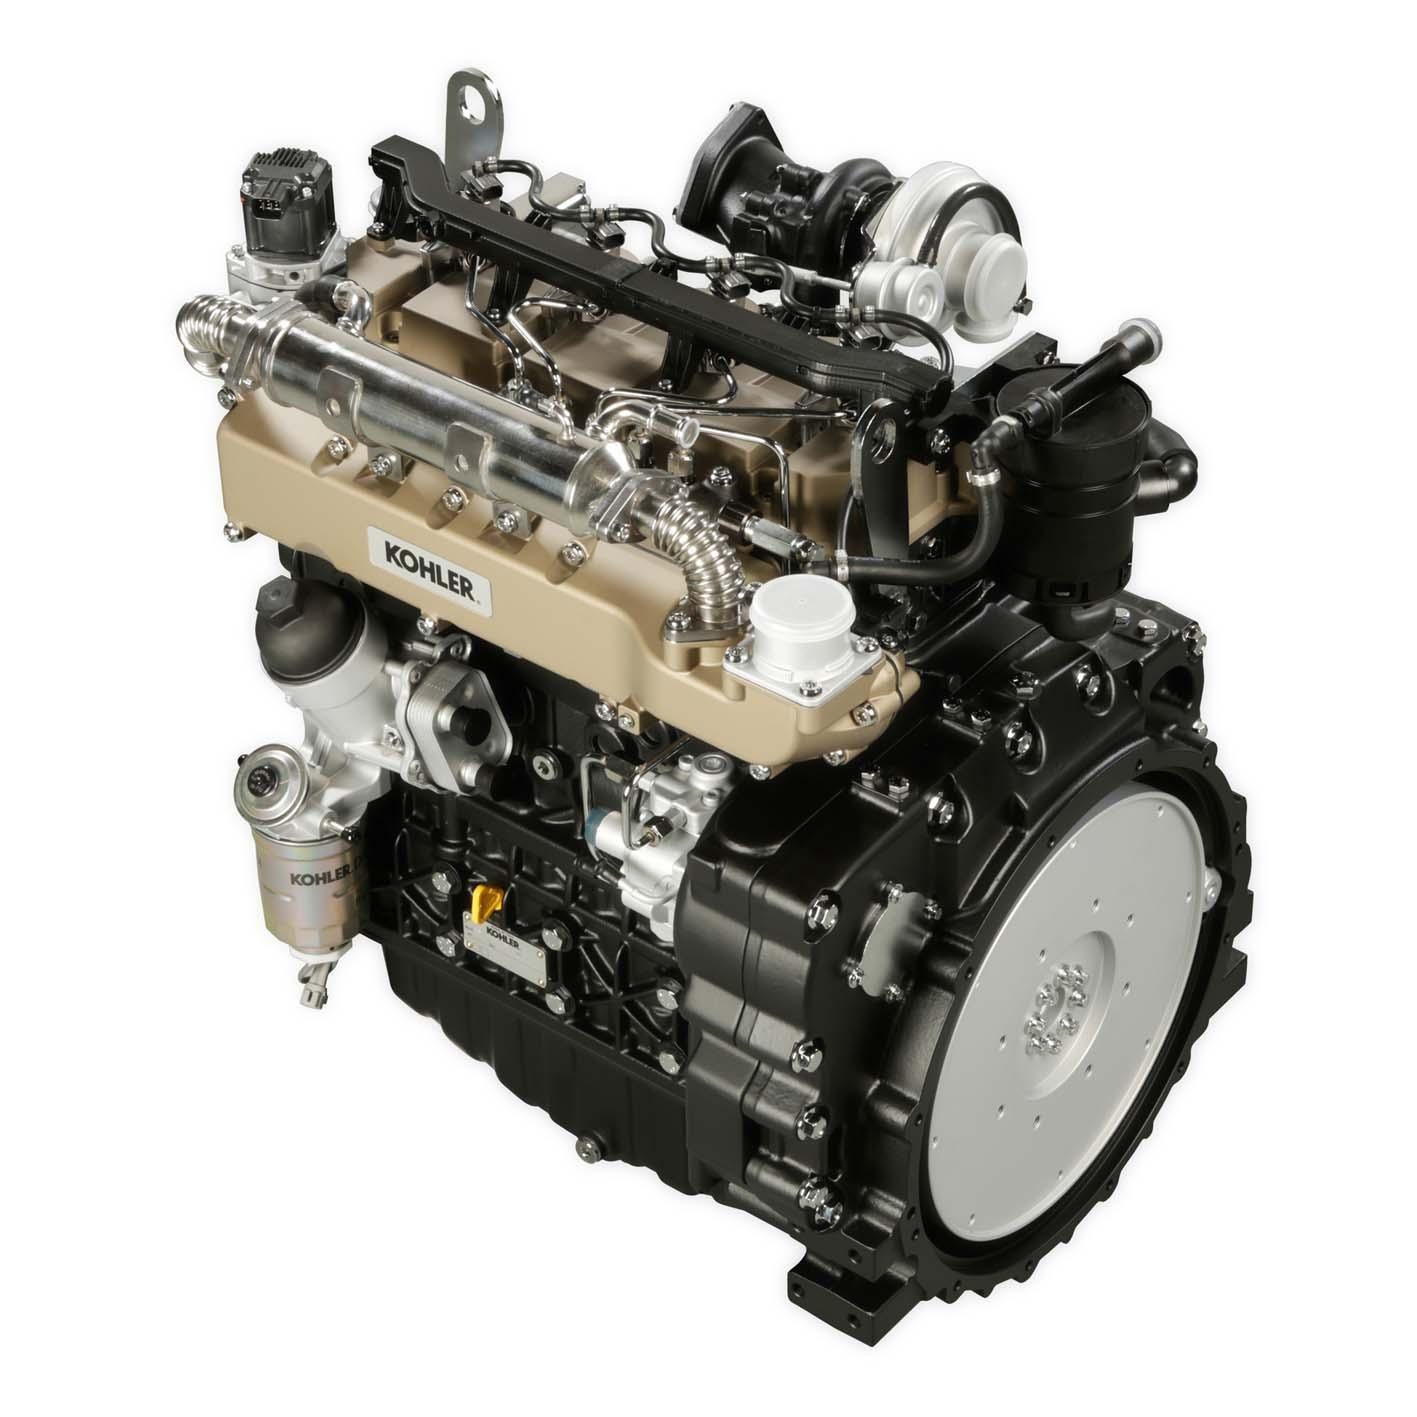 KOHLER: i motori per l'agricoltura - EIMA 2016 Kohler Engines motori KOHLER motori Lombardini -Fiere Pillole - MC5.0-Macchine Cantieri